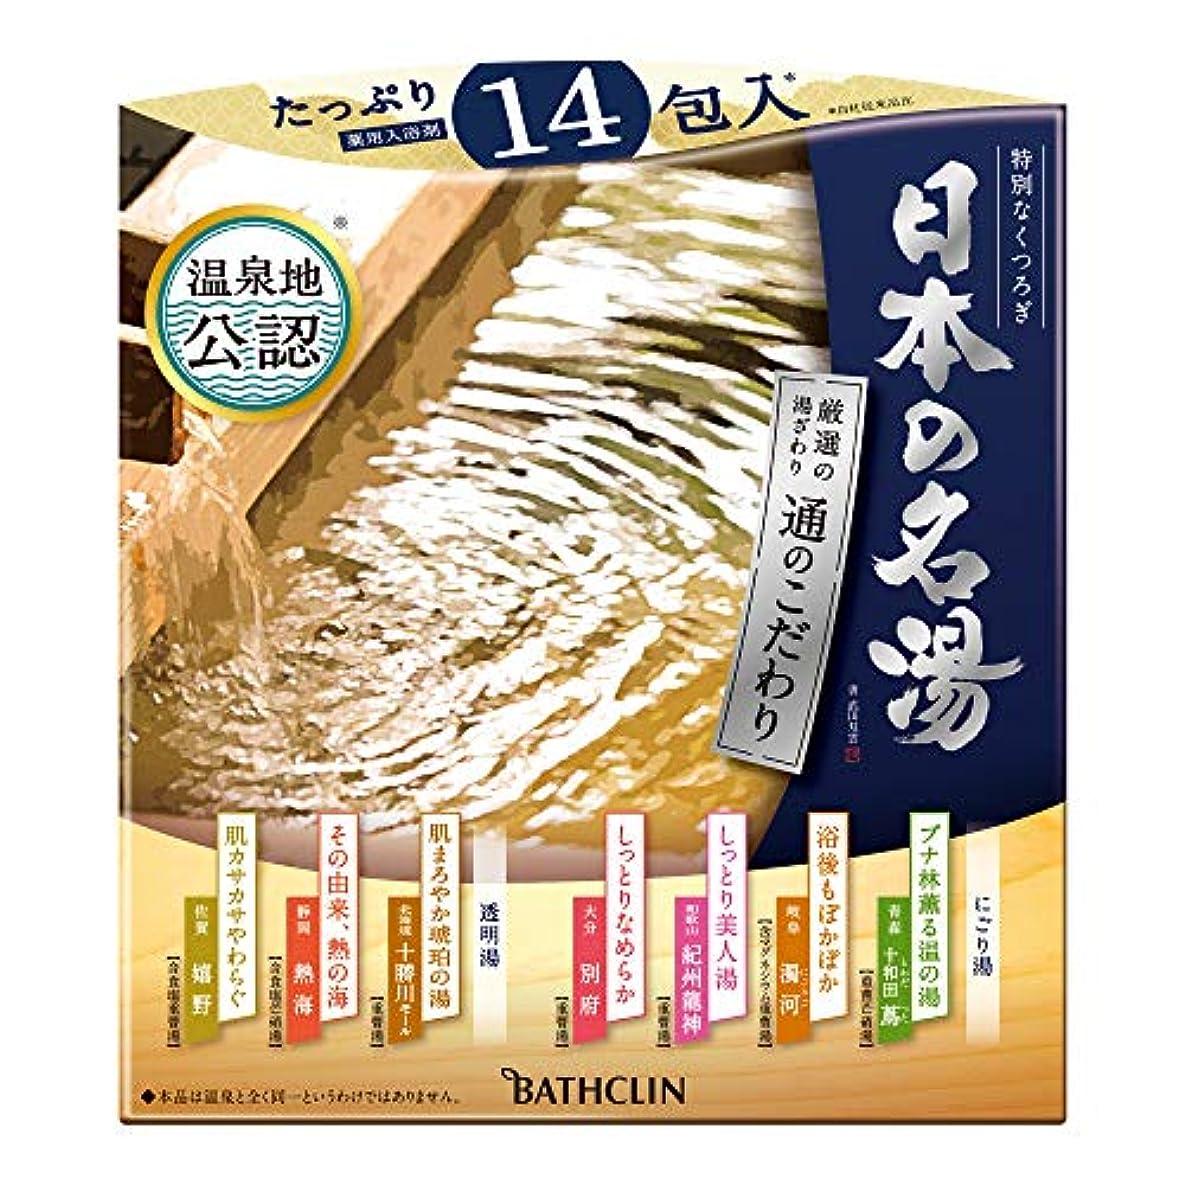 日本の名湯 通のこだわり 入浴剤 色と香りで情緒を表現した温泉タイプ入浴剤 セット 30g×14包